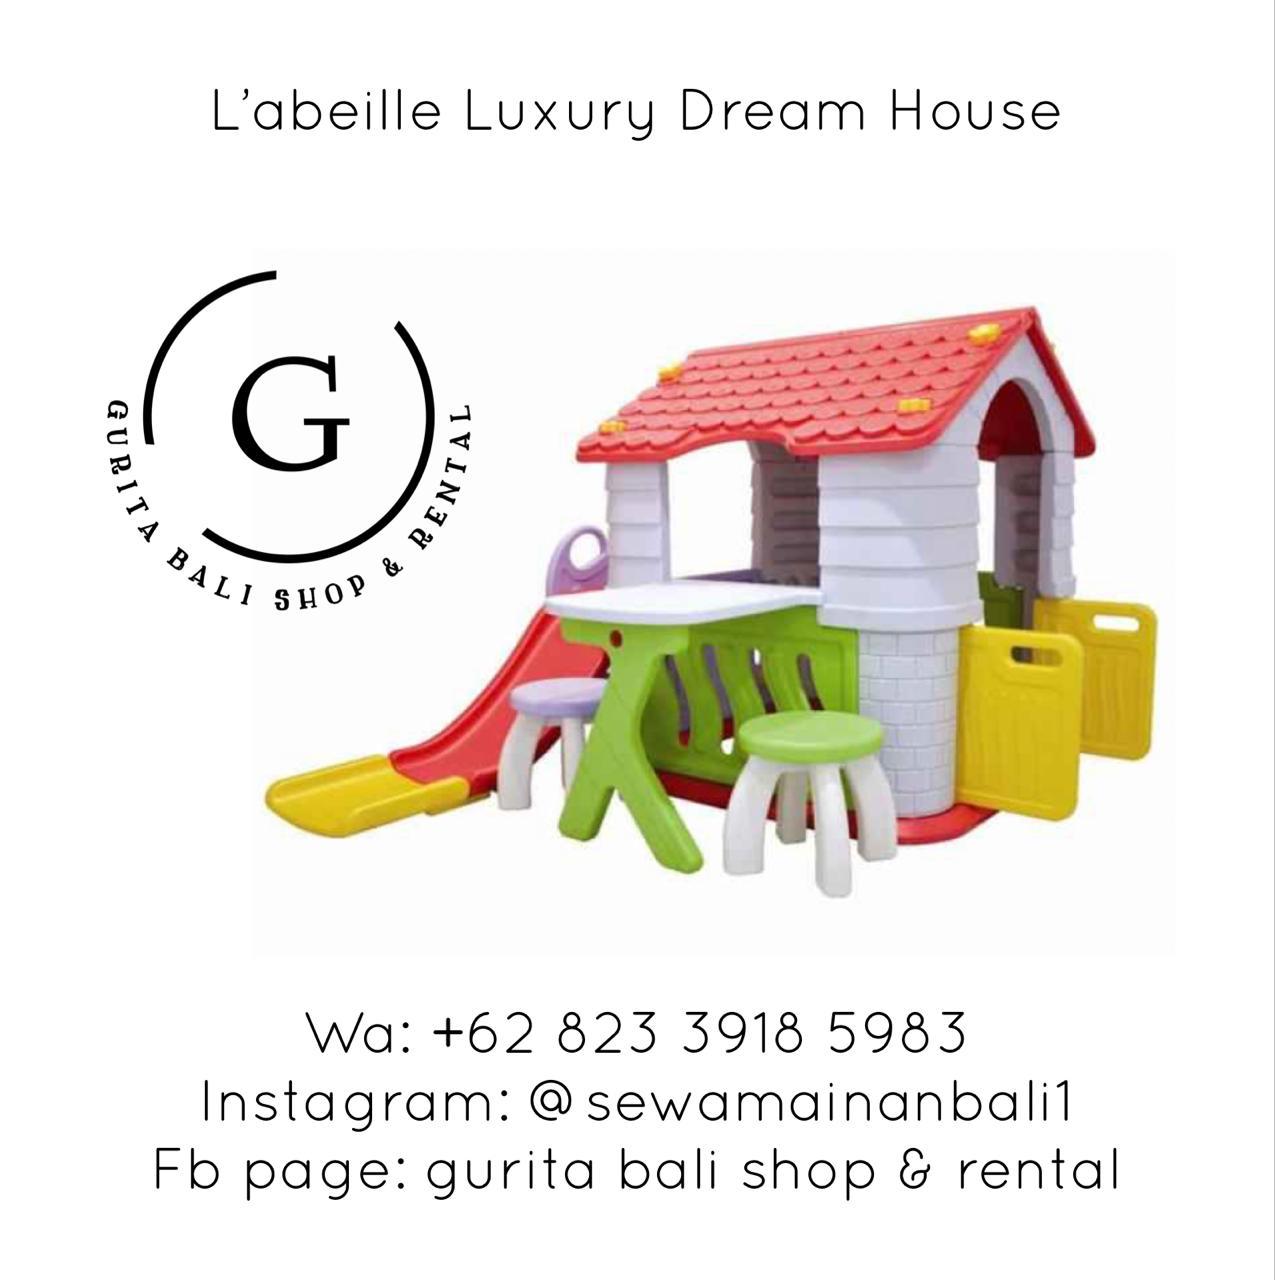 L'ABEILLE LUXURY DREAM HOUSE